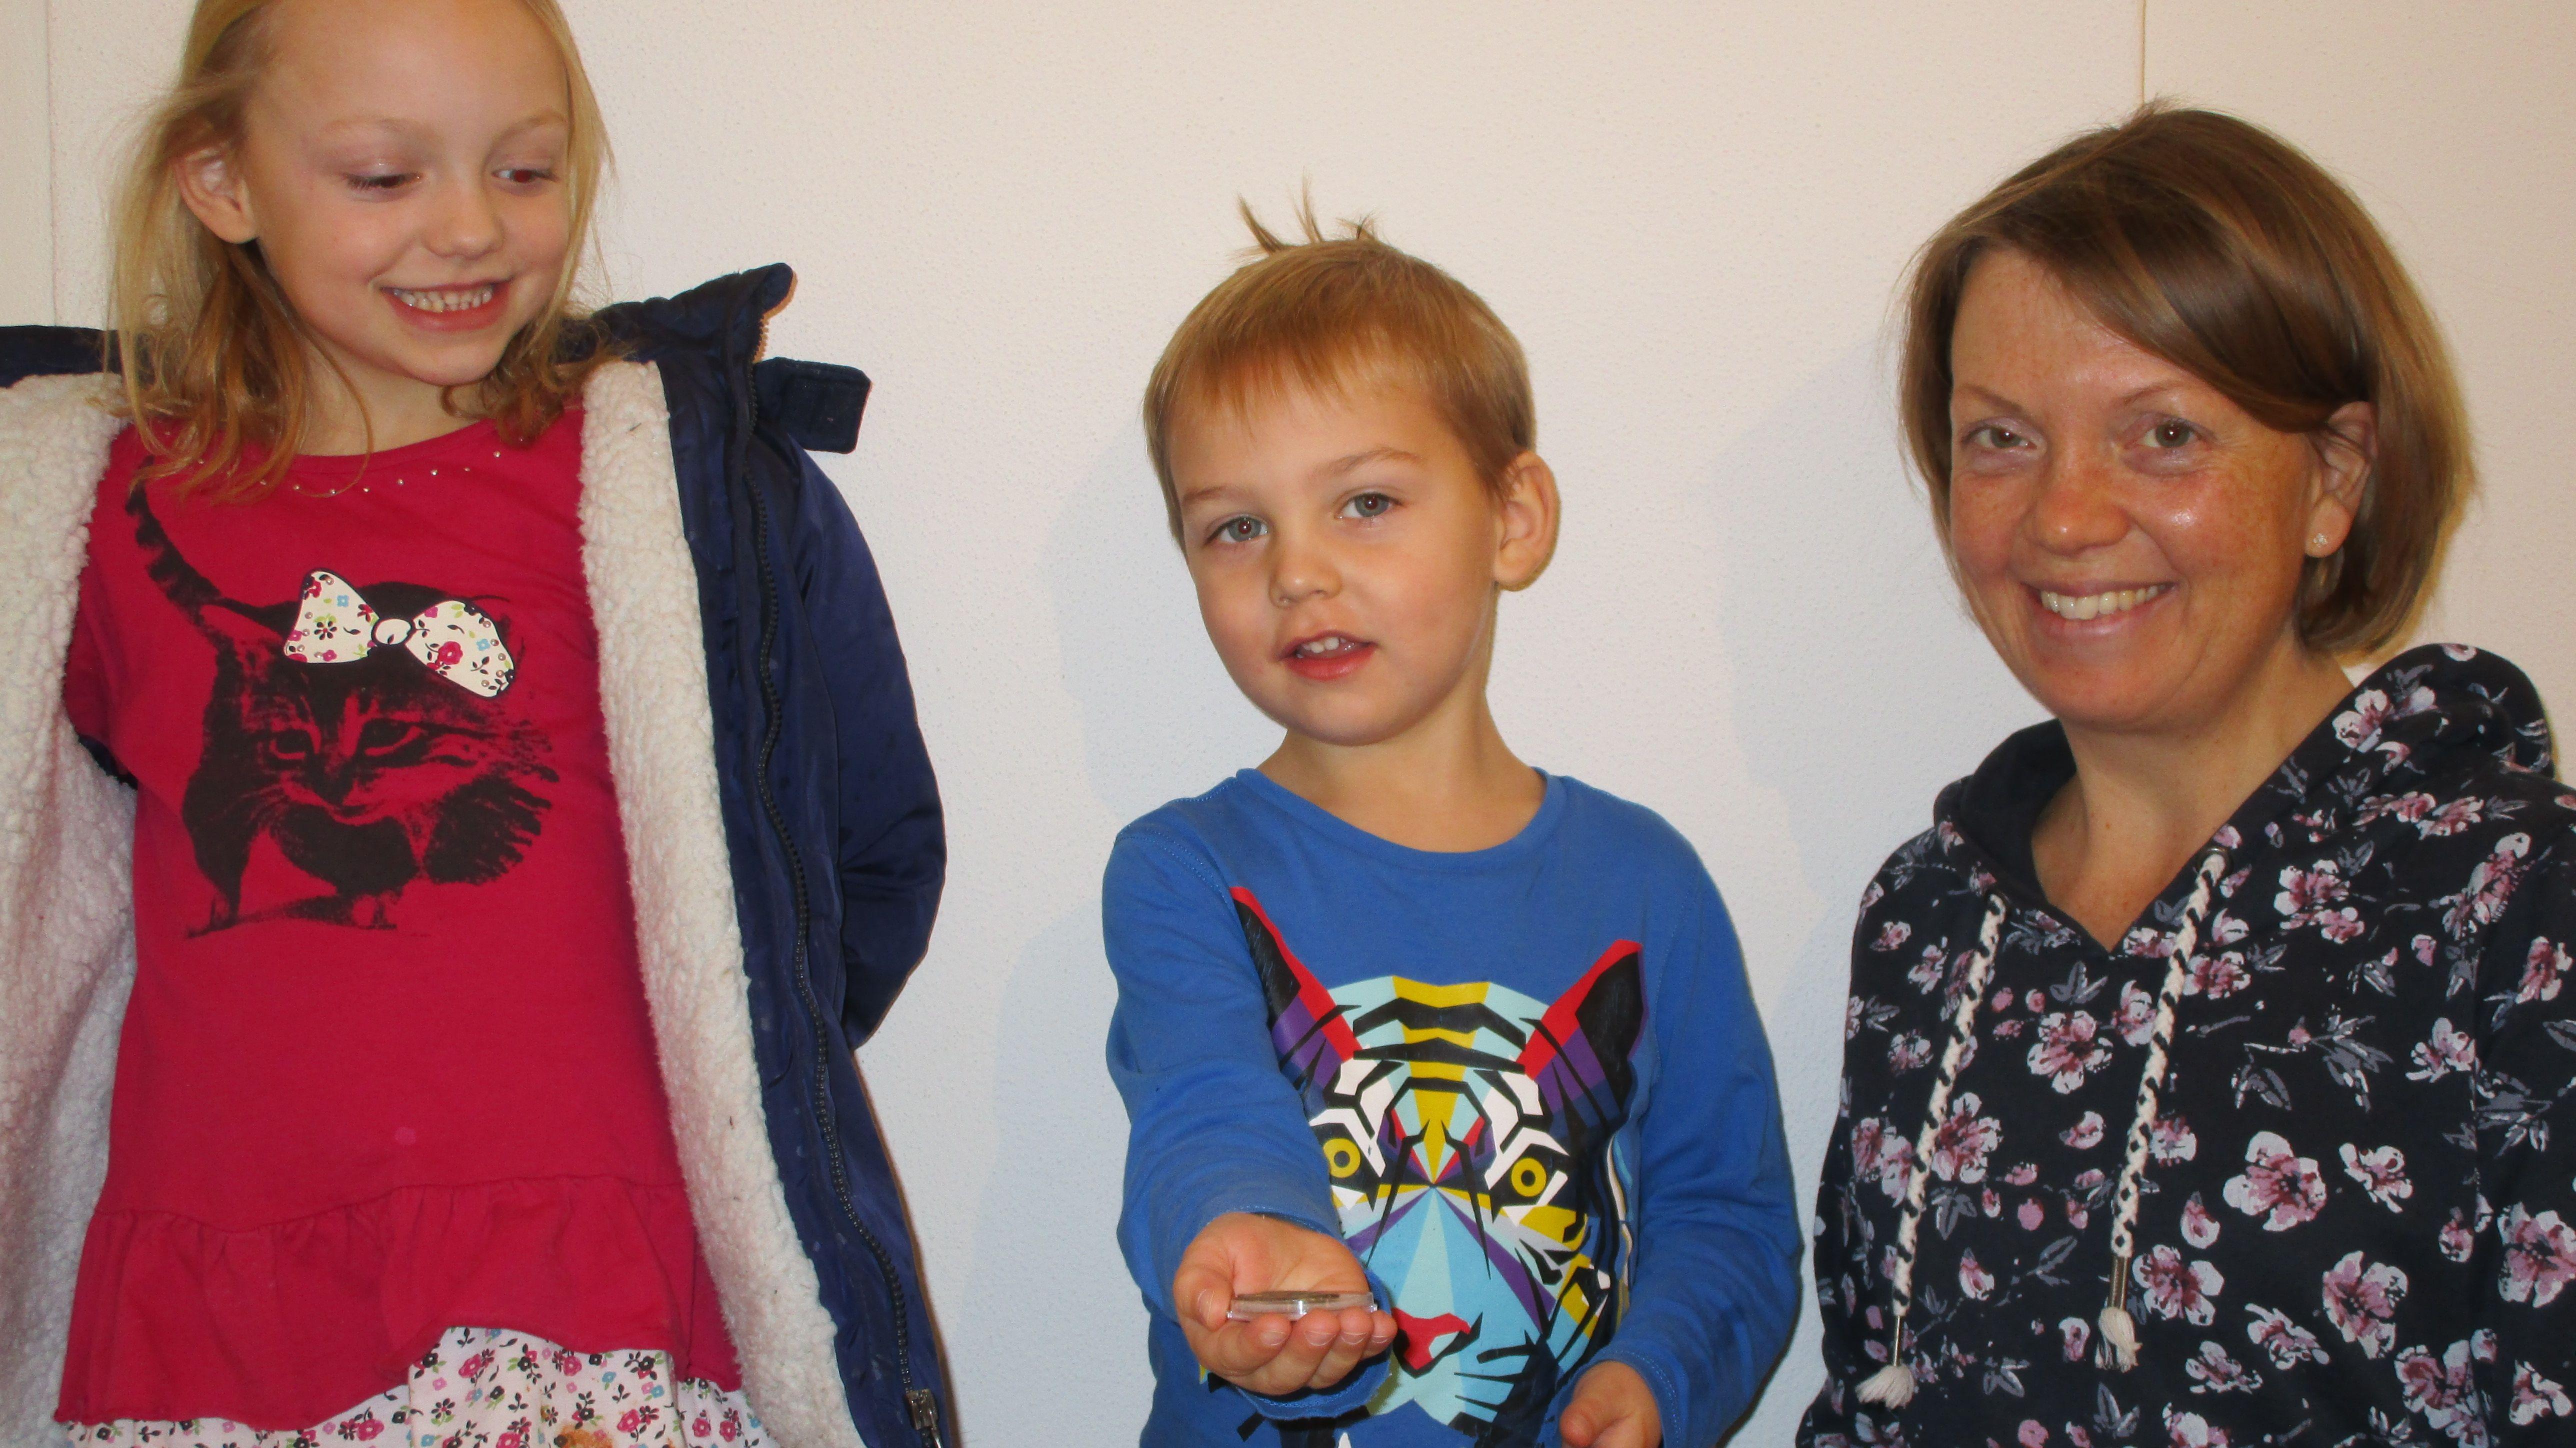 Der Vierjährige mit der byzantinischen Münze, daneben seine Mutter und Schwester.